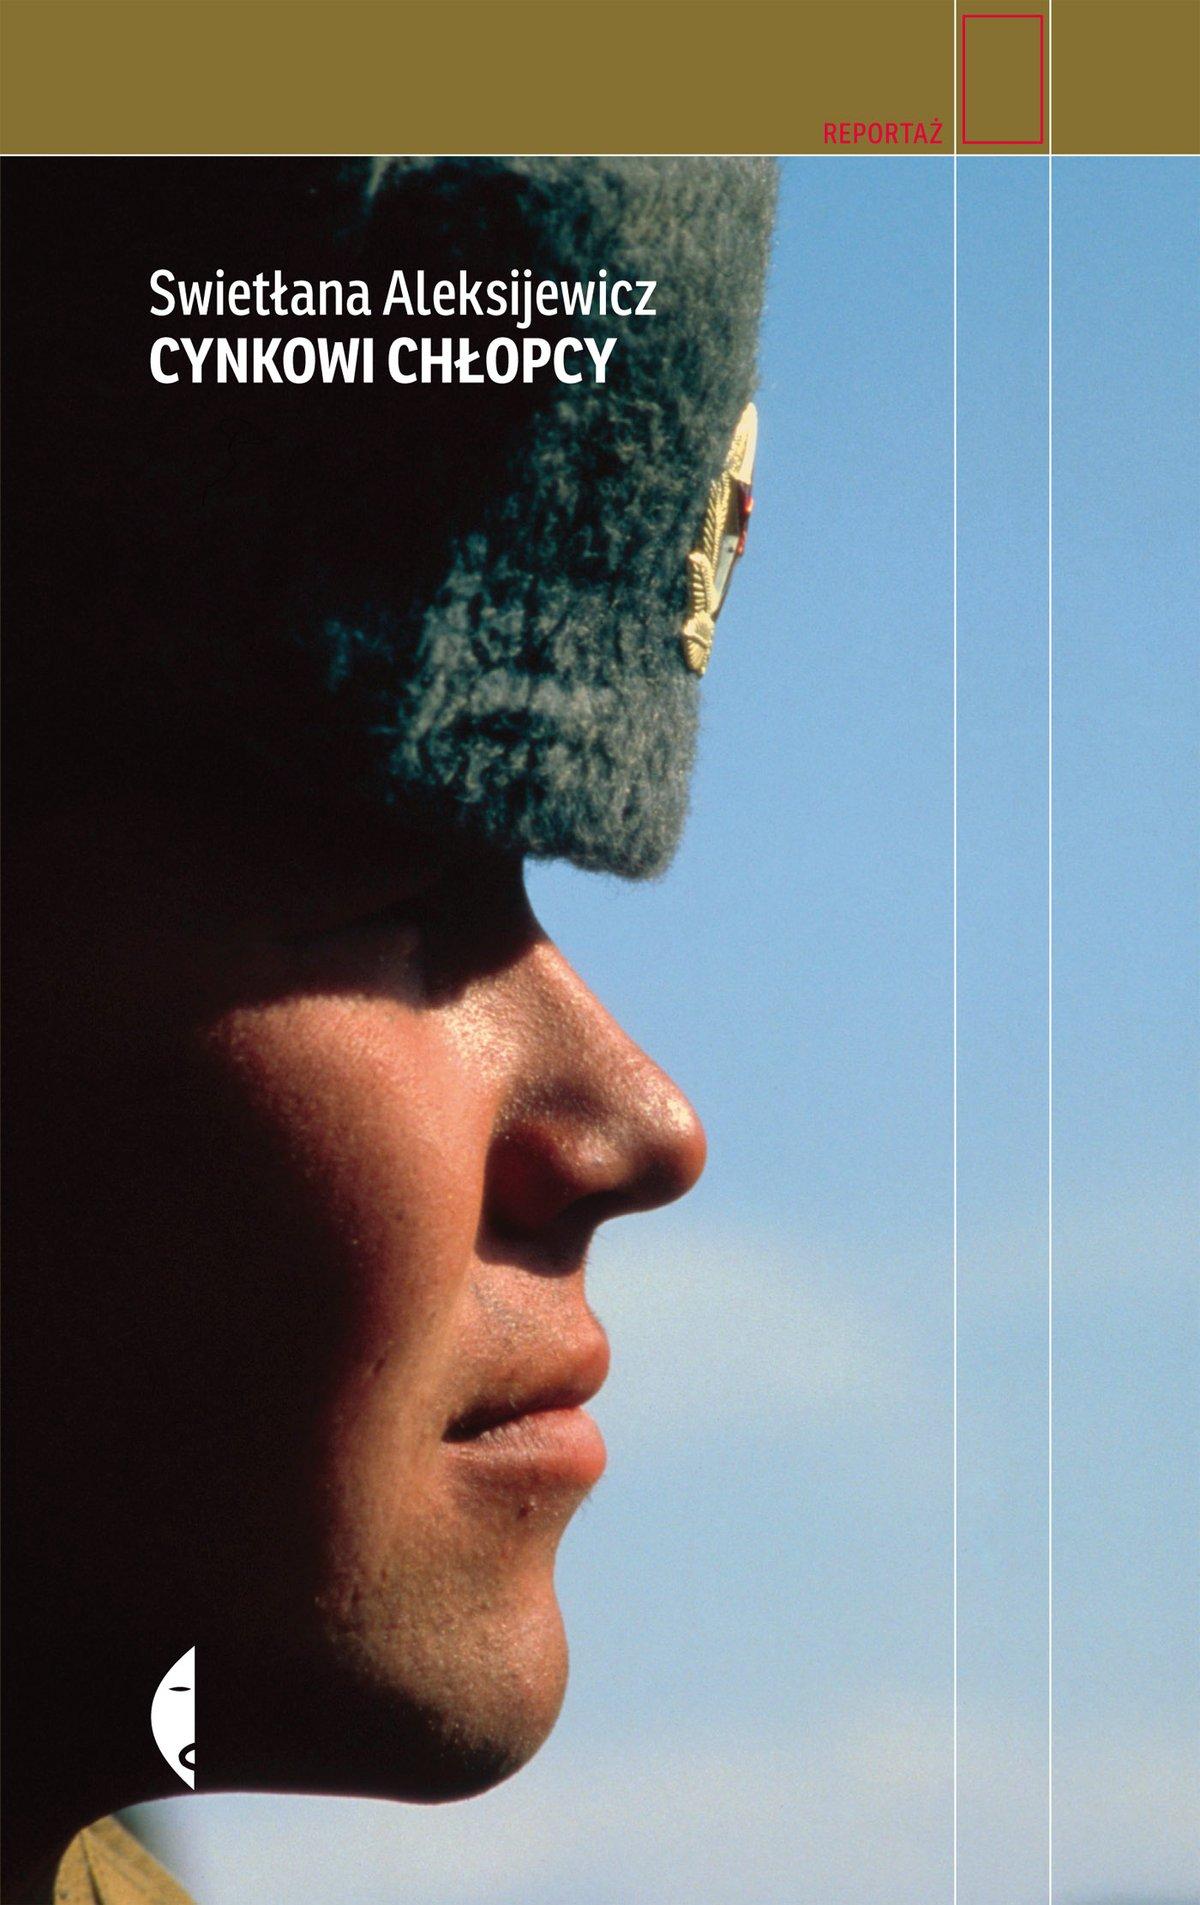 Cynkowi chłopcy - Ebook (Książka EPUB) do pobrania w formacie EPUB